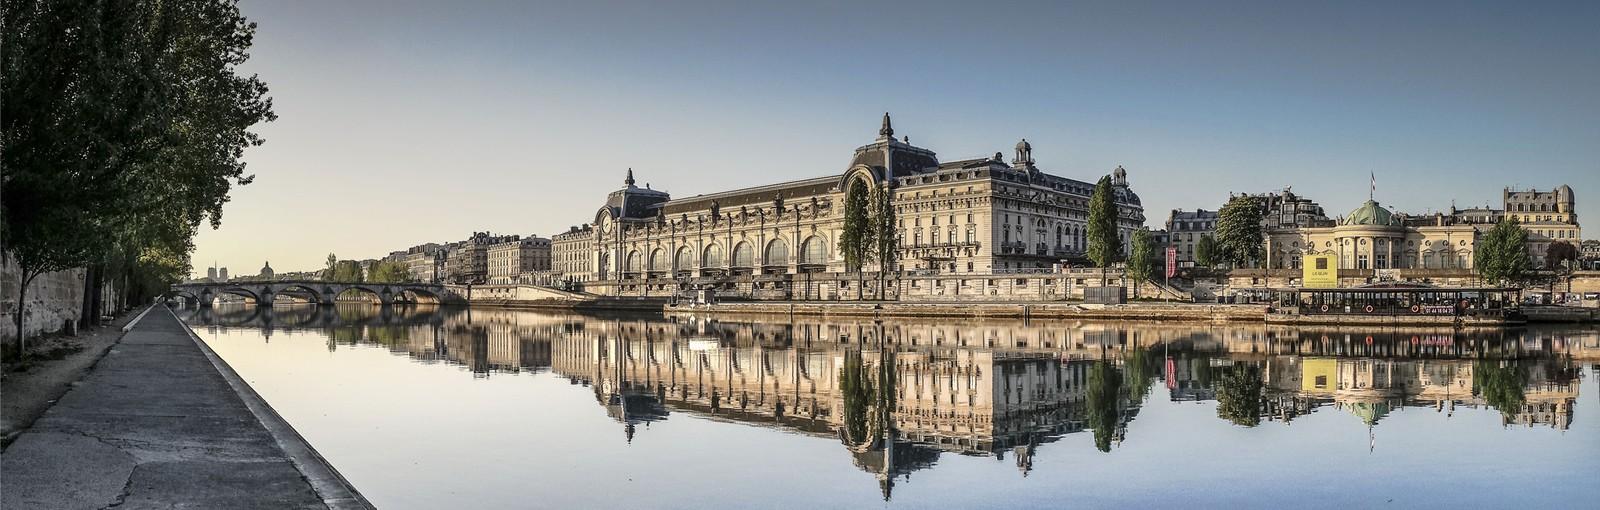 Tours 参观奥赛博物馆 - 博物馆参观 - 巴黎游